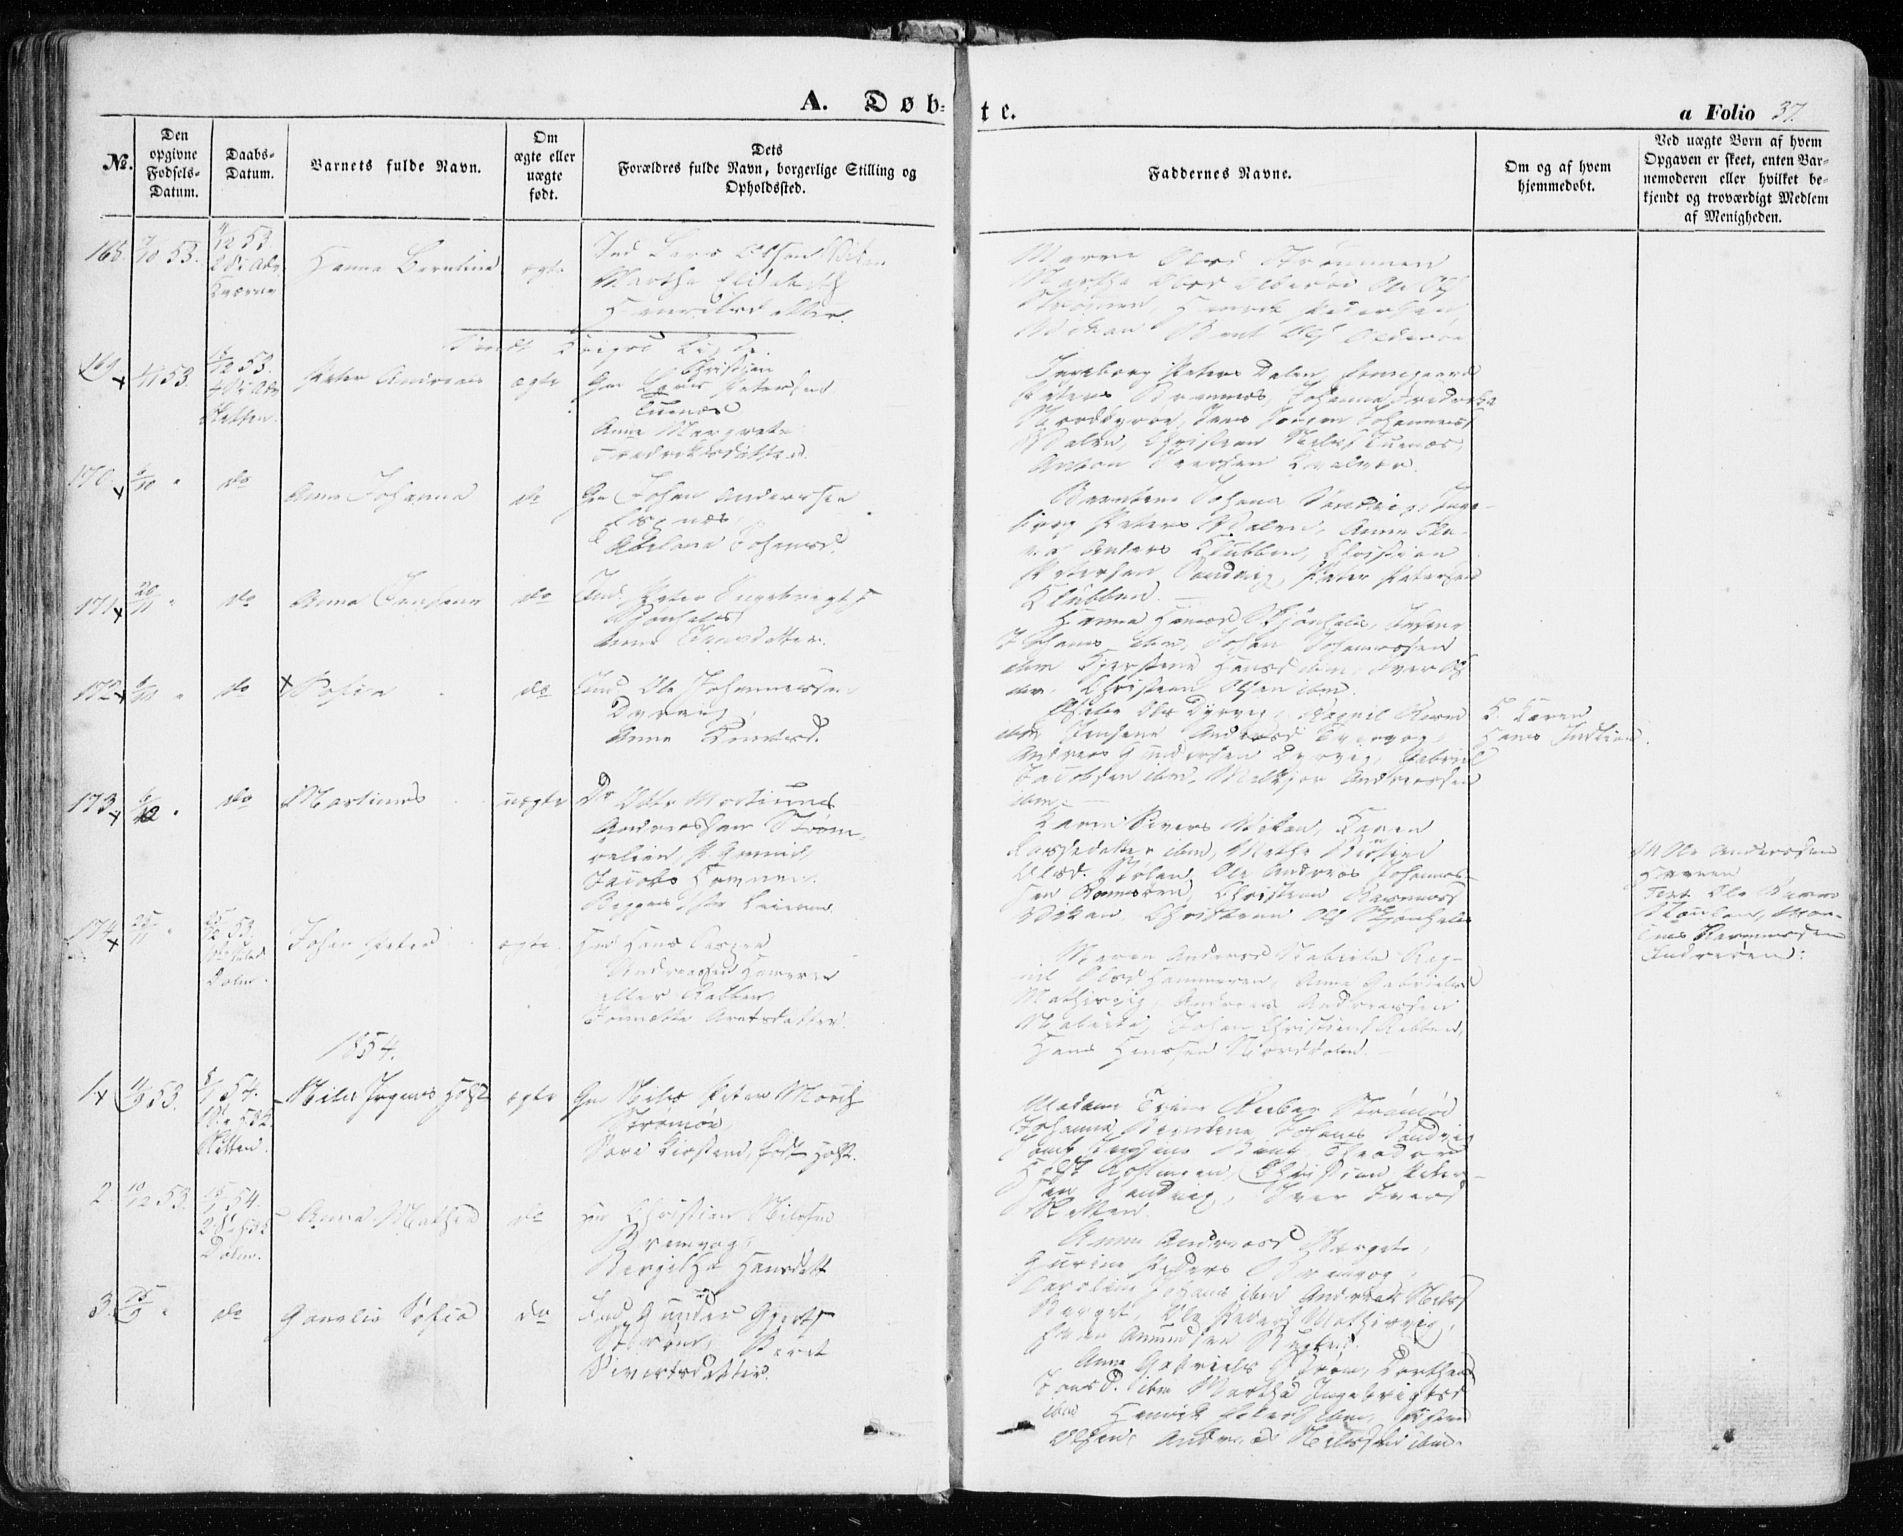 SAT, Ministerialprotokoller, klokkerbøker og fødselsregistre - Sør-Trøndelag, 634/L0530: Ministerialbok nr. 634A06, 1852-1860, s. 37